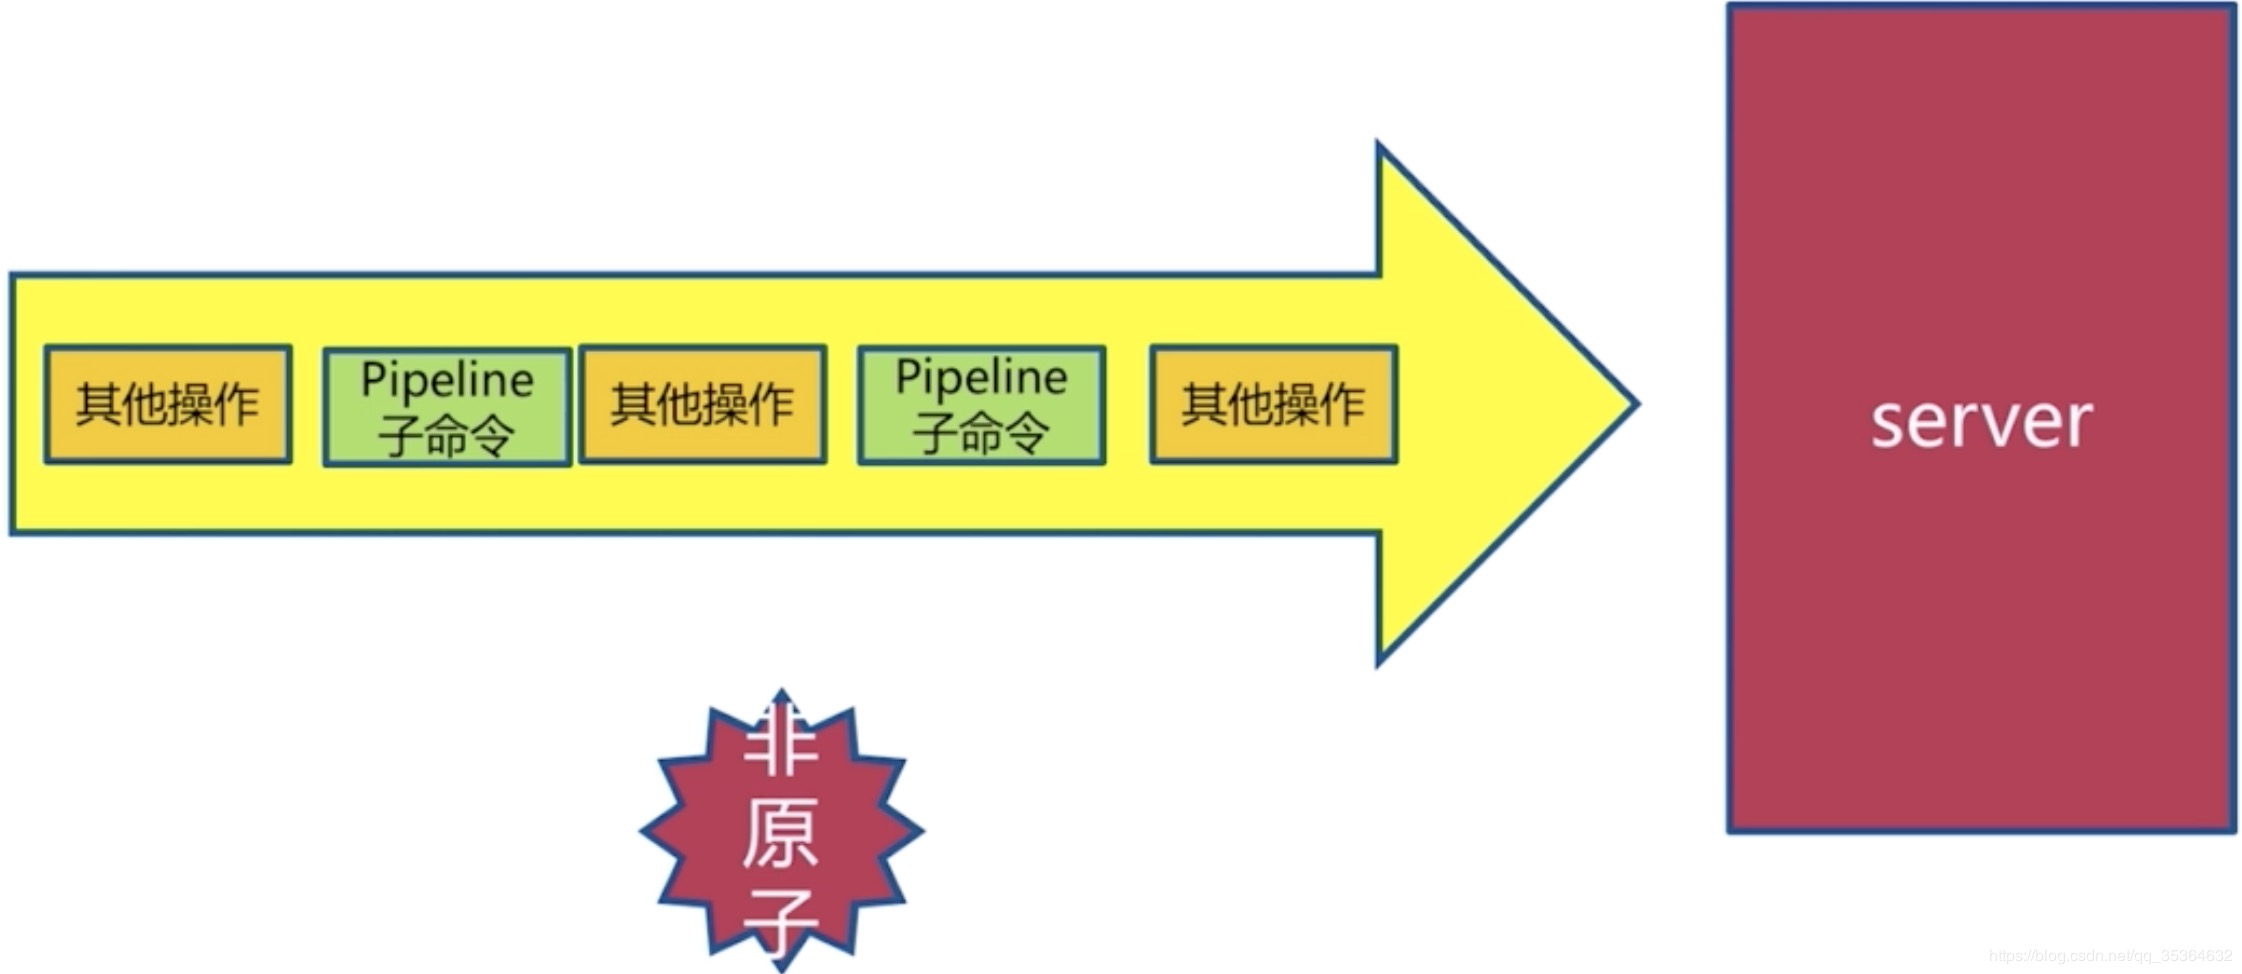 Pipeline操作